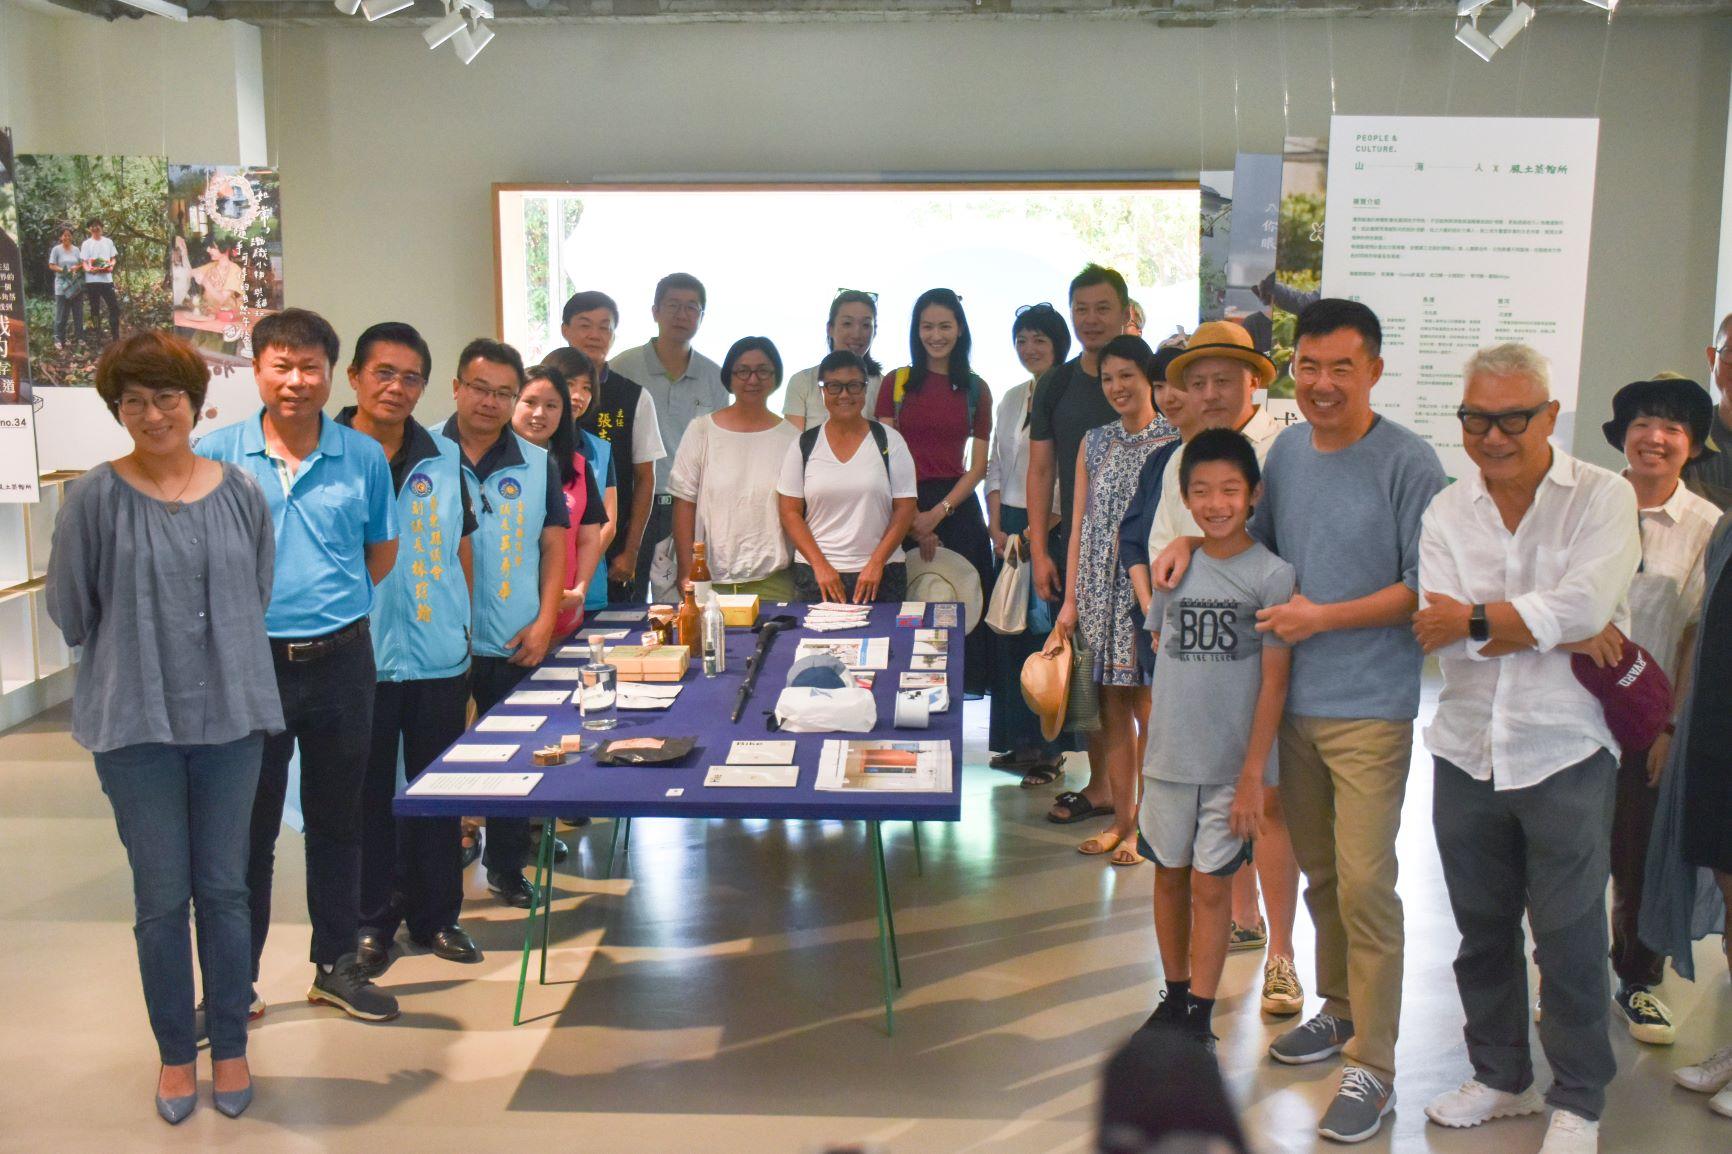 山-海-人People & Culture X 風土蒸餾所聯展開幕-星星與漂流木的海岸